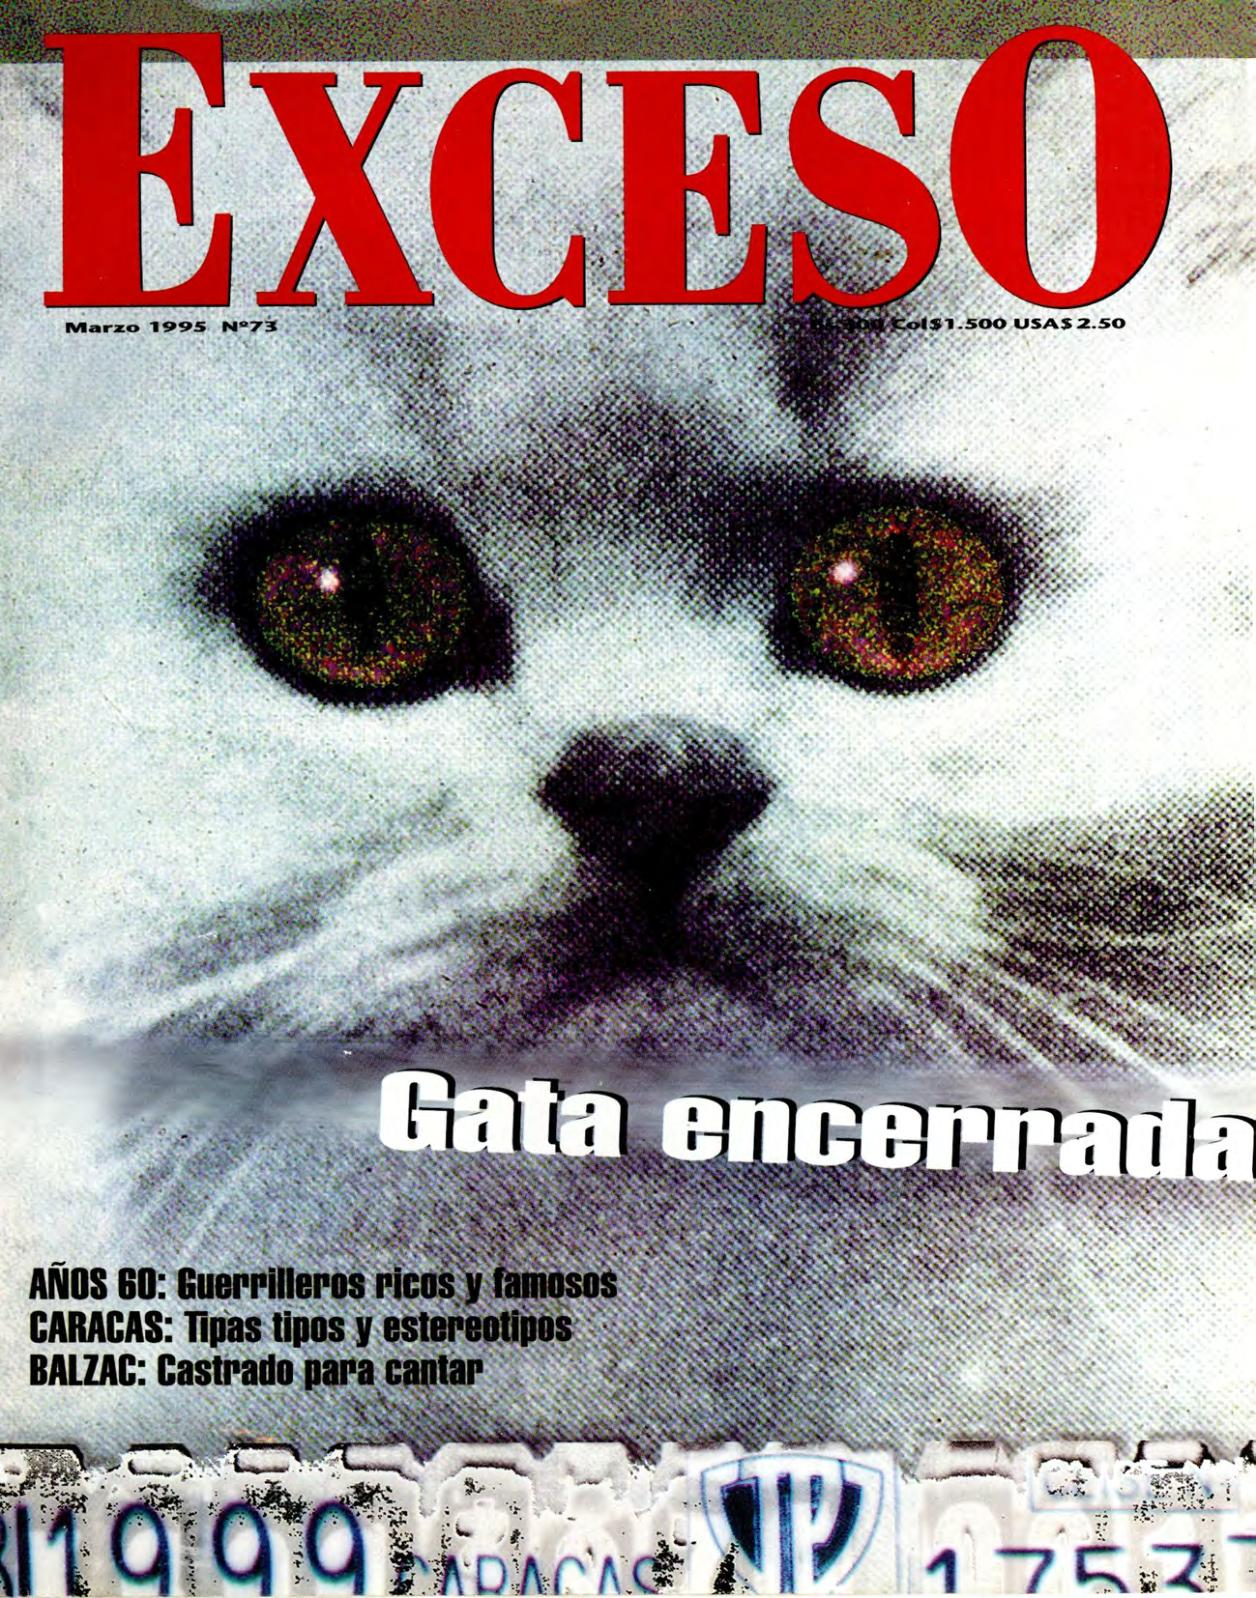 Calaméo - REVISTA EXCESO EDICION Nº 73 MARZO 1995 8eda5c57798